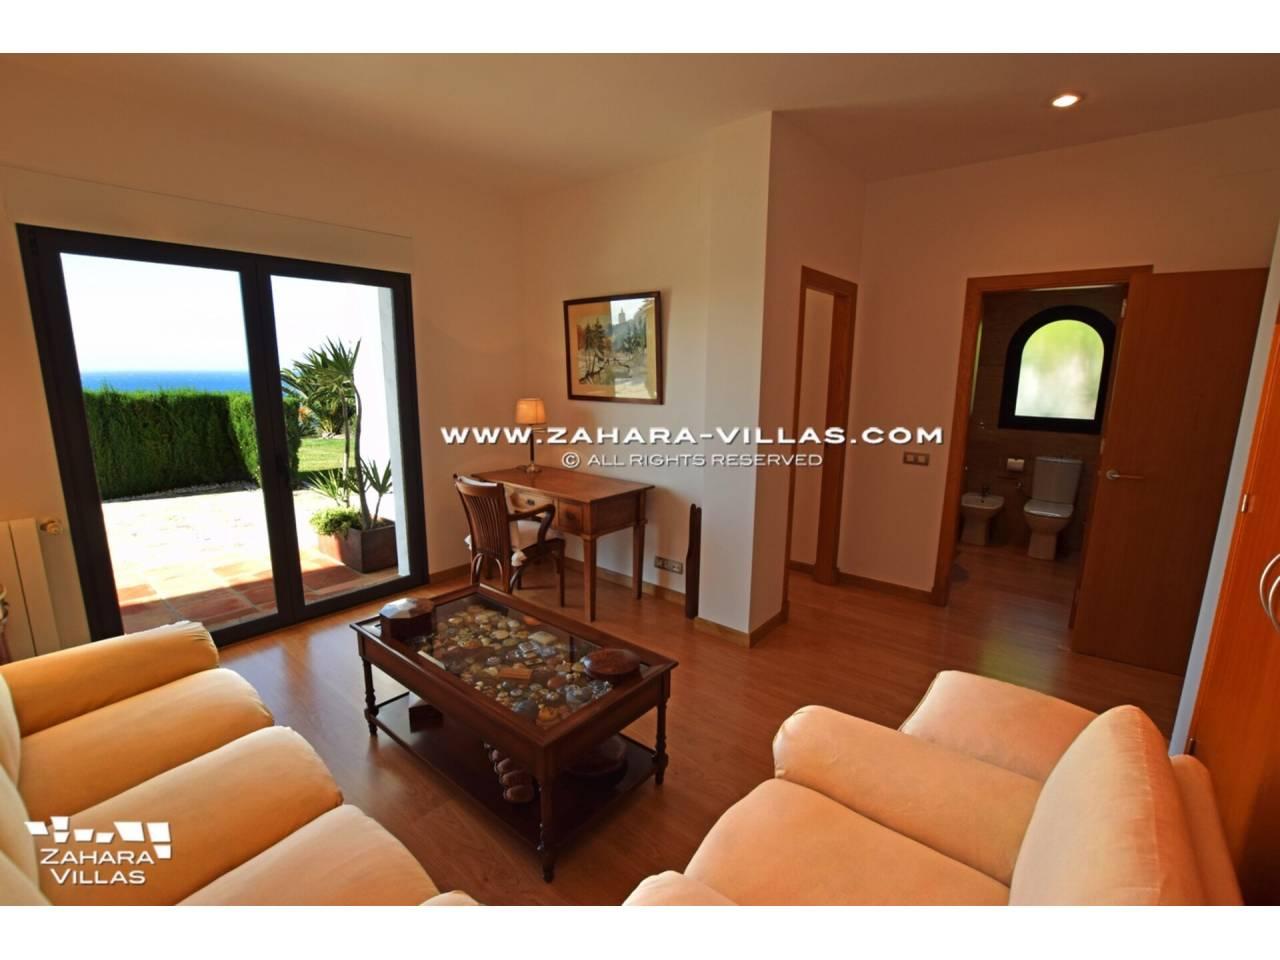 Imagen 31 de Maravilloso Chalet en venta en la zona del Faro Camarinal con vistas panorámicas a la Playa de los Alemanes